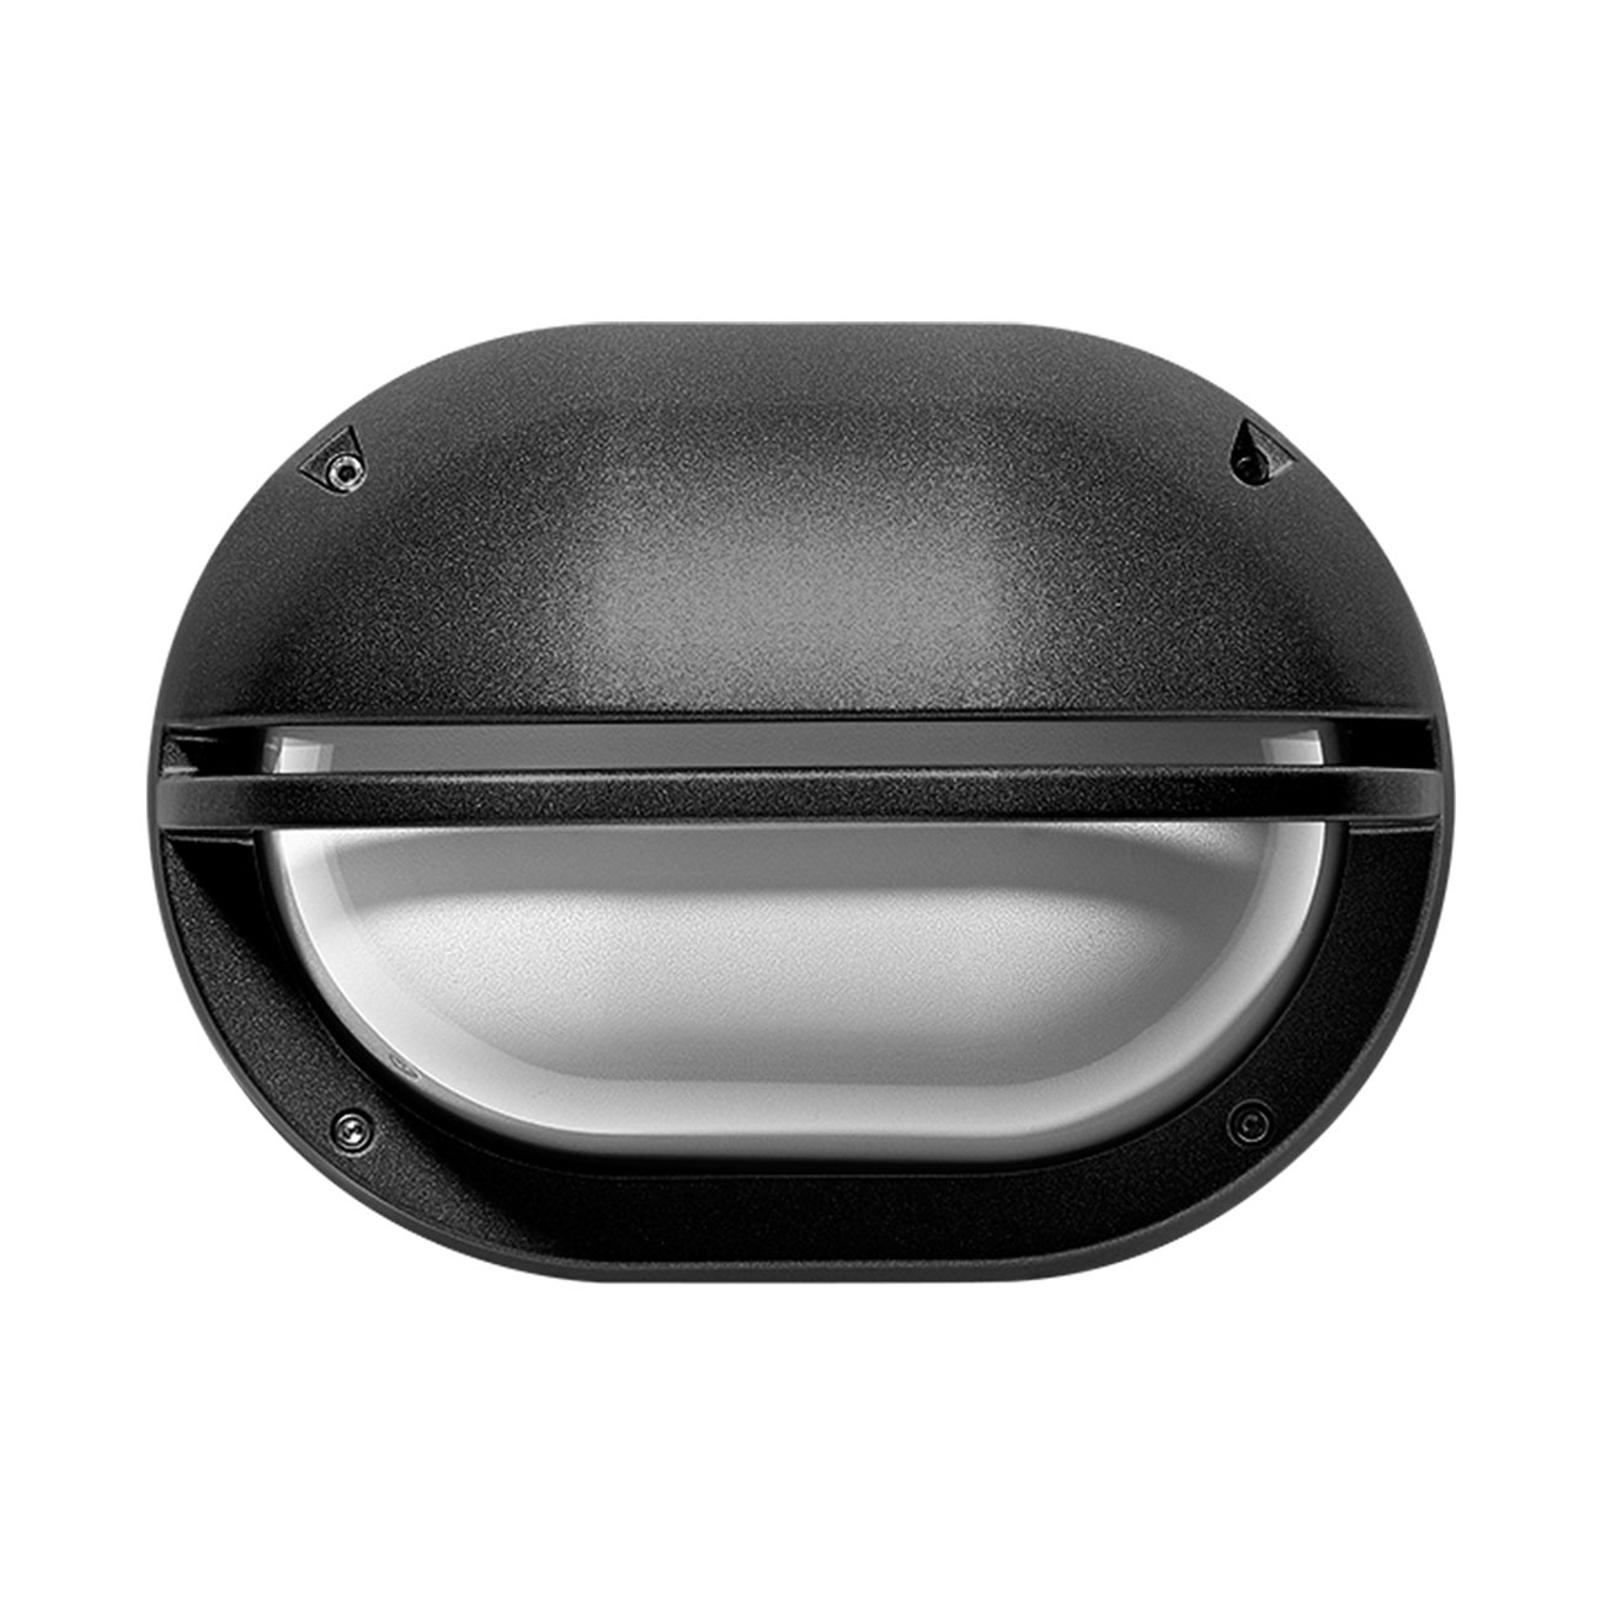 LED-vegglampe Eko+19 Grill antrasitt 3000K